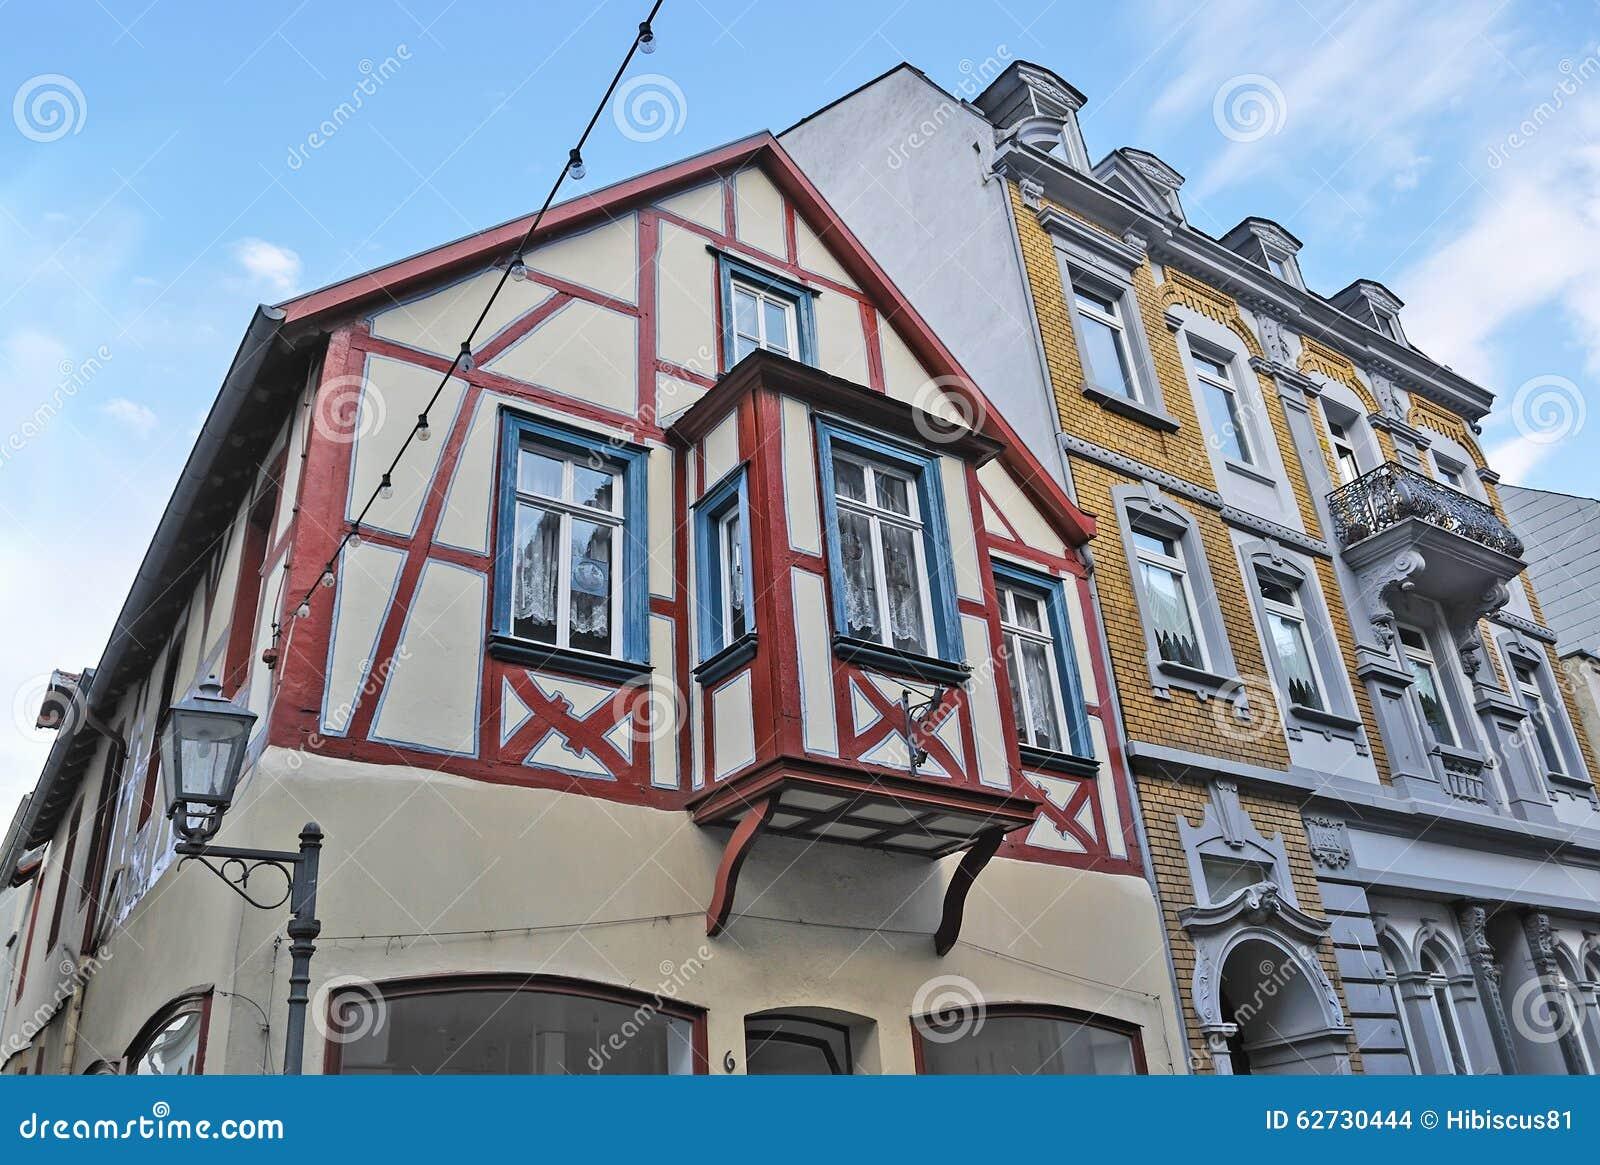 Small balcony stock photography 43639400 for Balcony cartoon